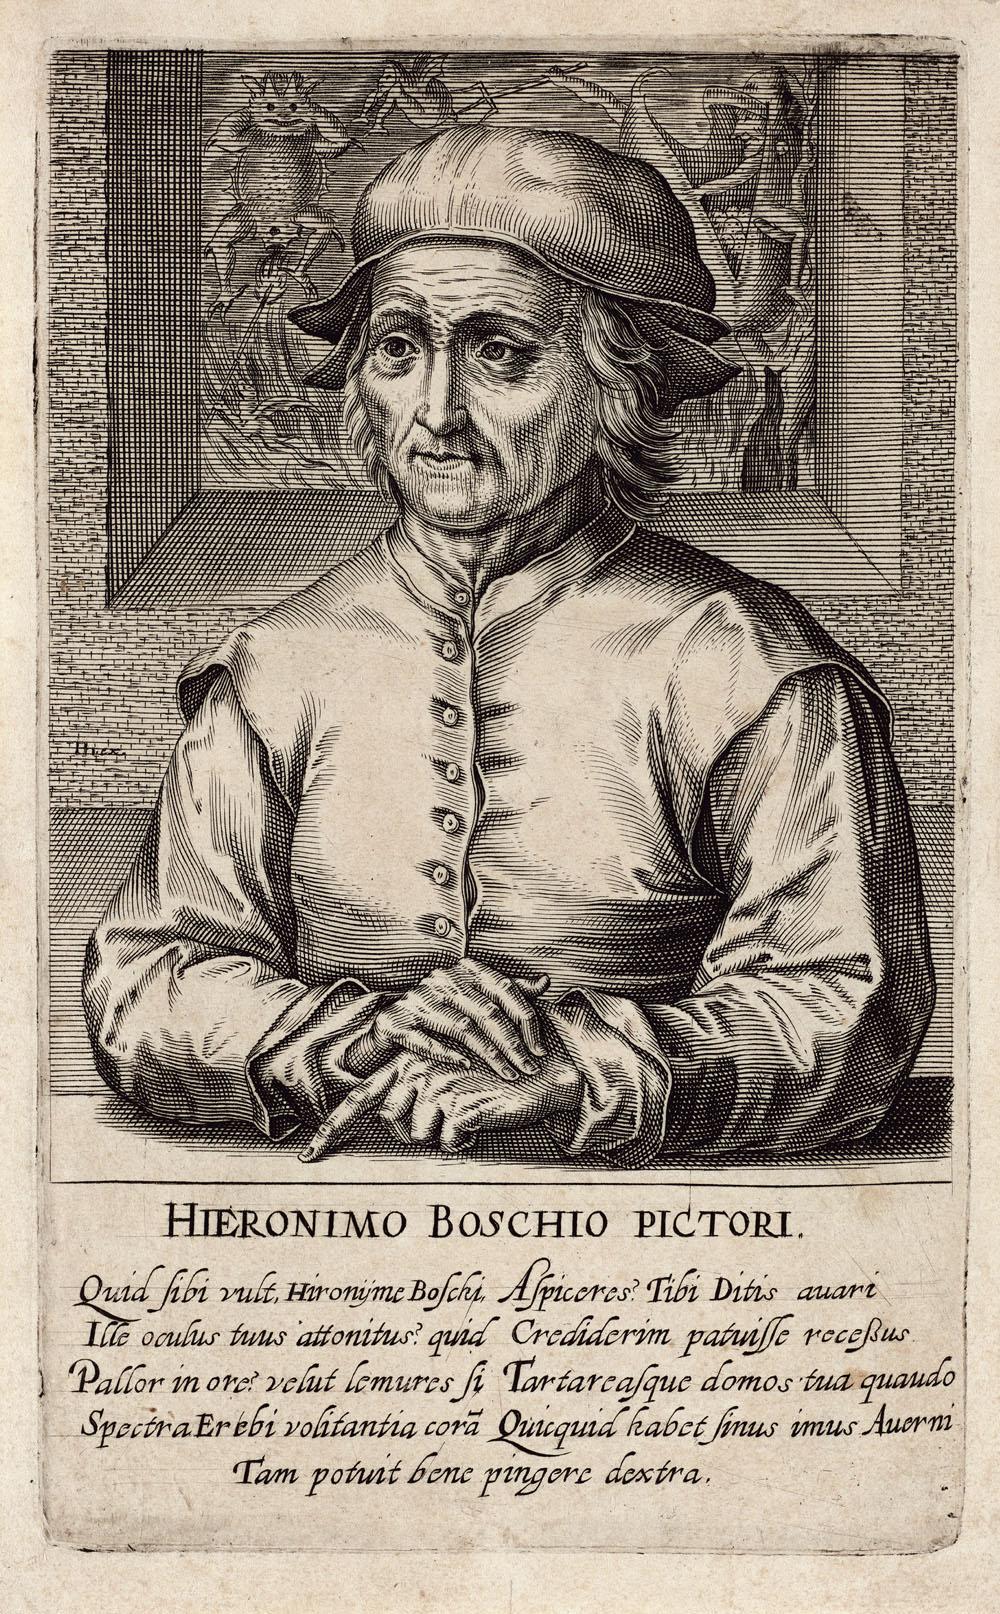 """Hieronymus Bosch: Hendrik Hondius (1573–1650): Hieronymus Bosch, aus der Serie """"Pictorum aliquot celebrium praecipué Germaniae inferioris effigies"""", 1610, Kupferstich-Kabinett, Staatliche Kunstsammlungen Dresden"""